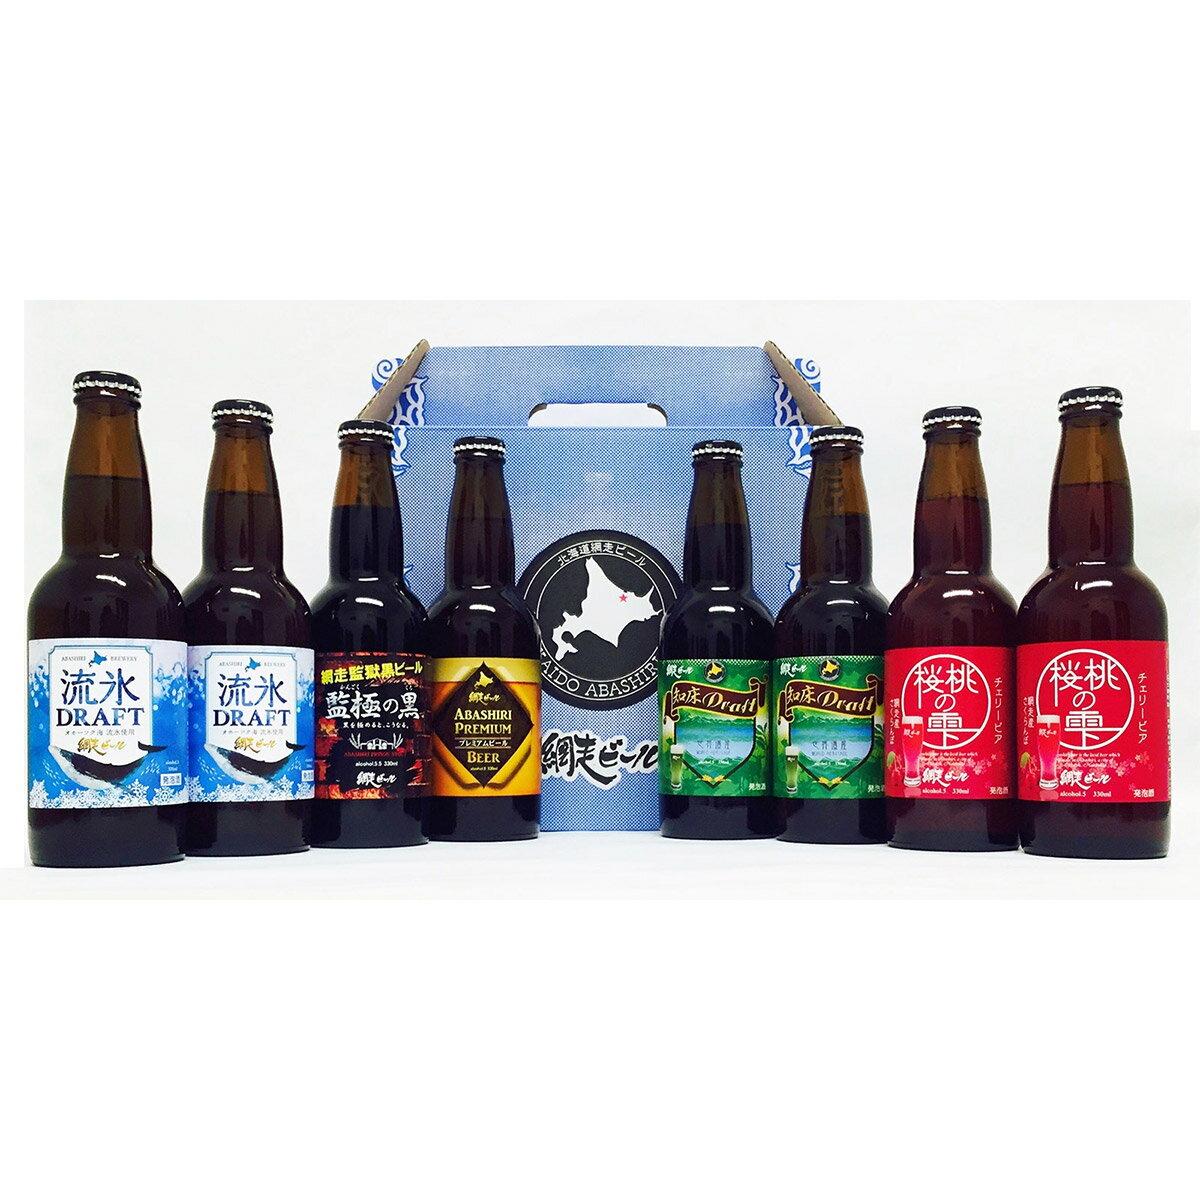 【ふるさと納税】網走ビール8本セット